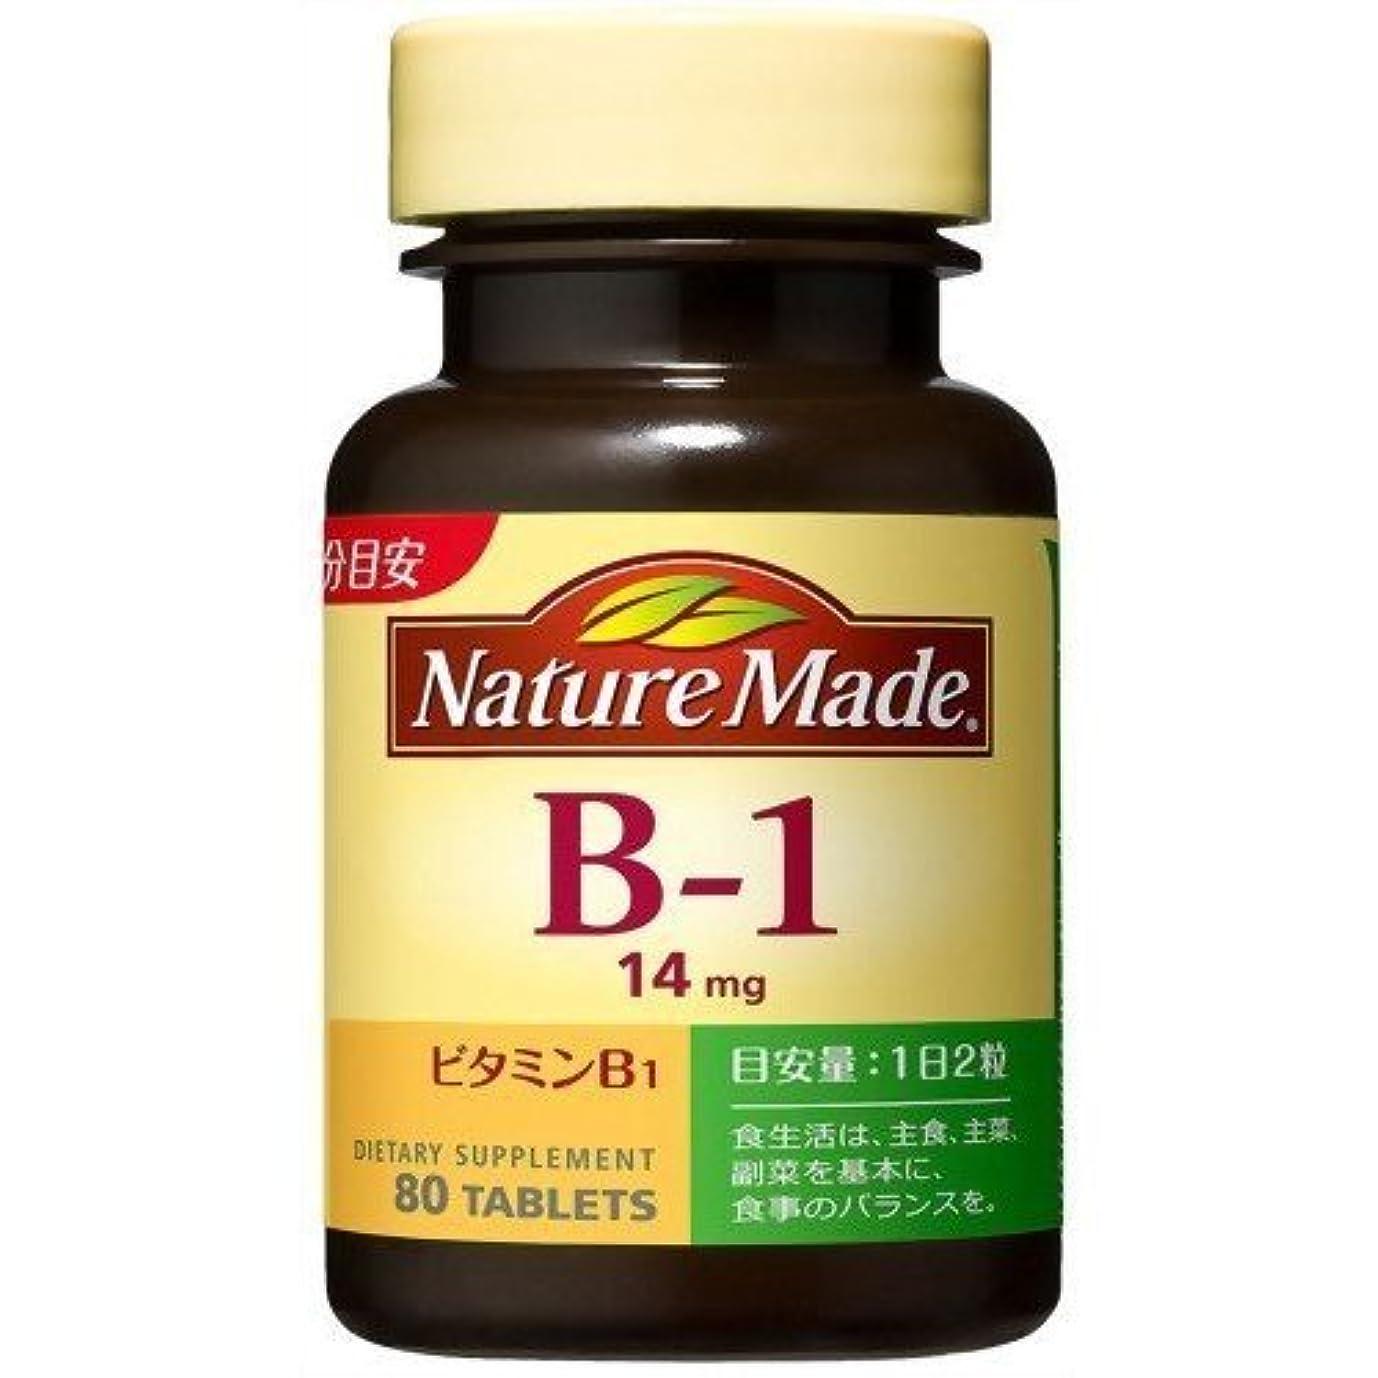 銀河永続避けられない大塚製薬 ネイチャーメイド B-1 80錠